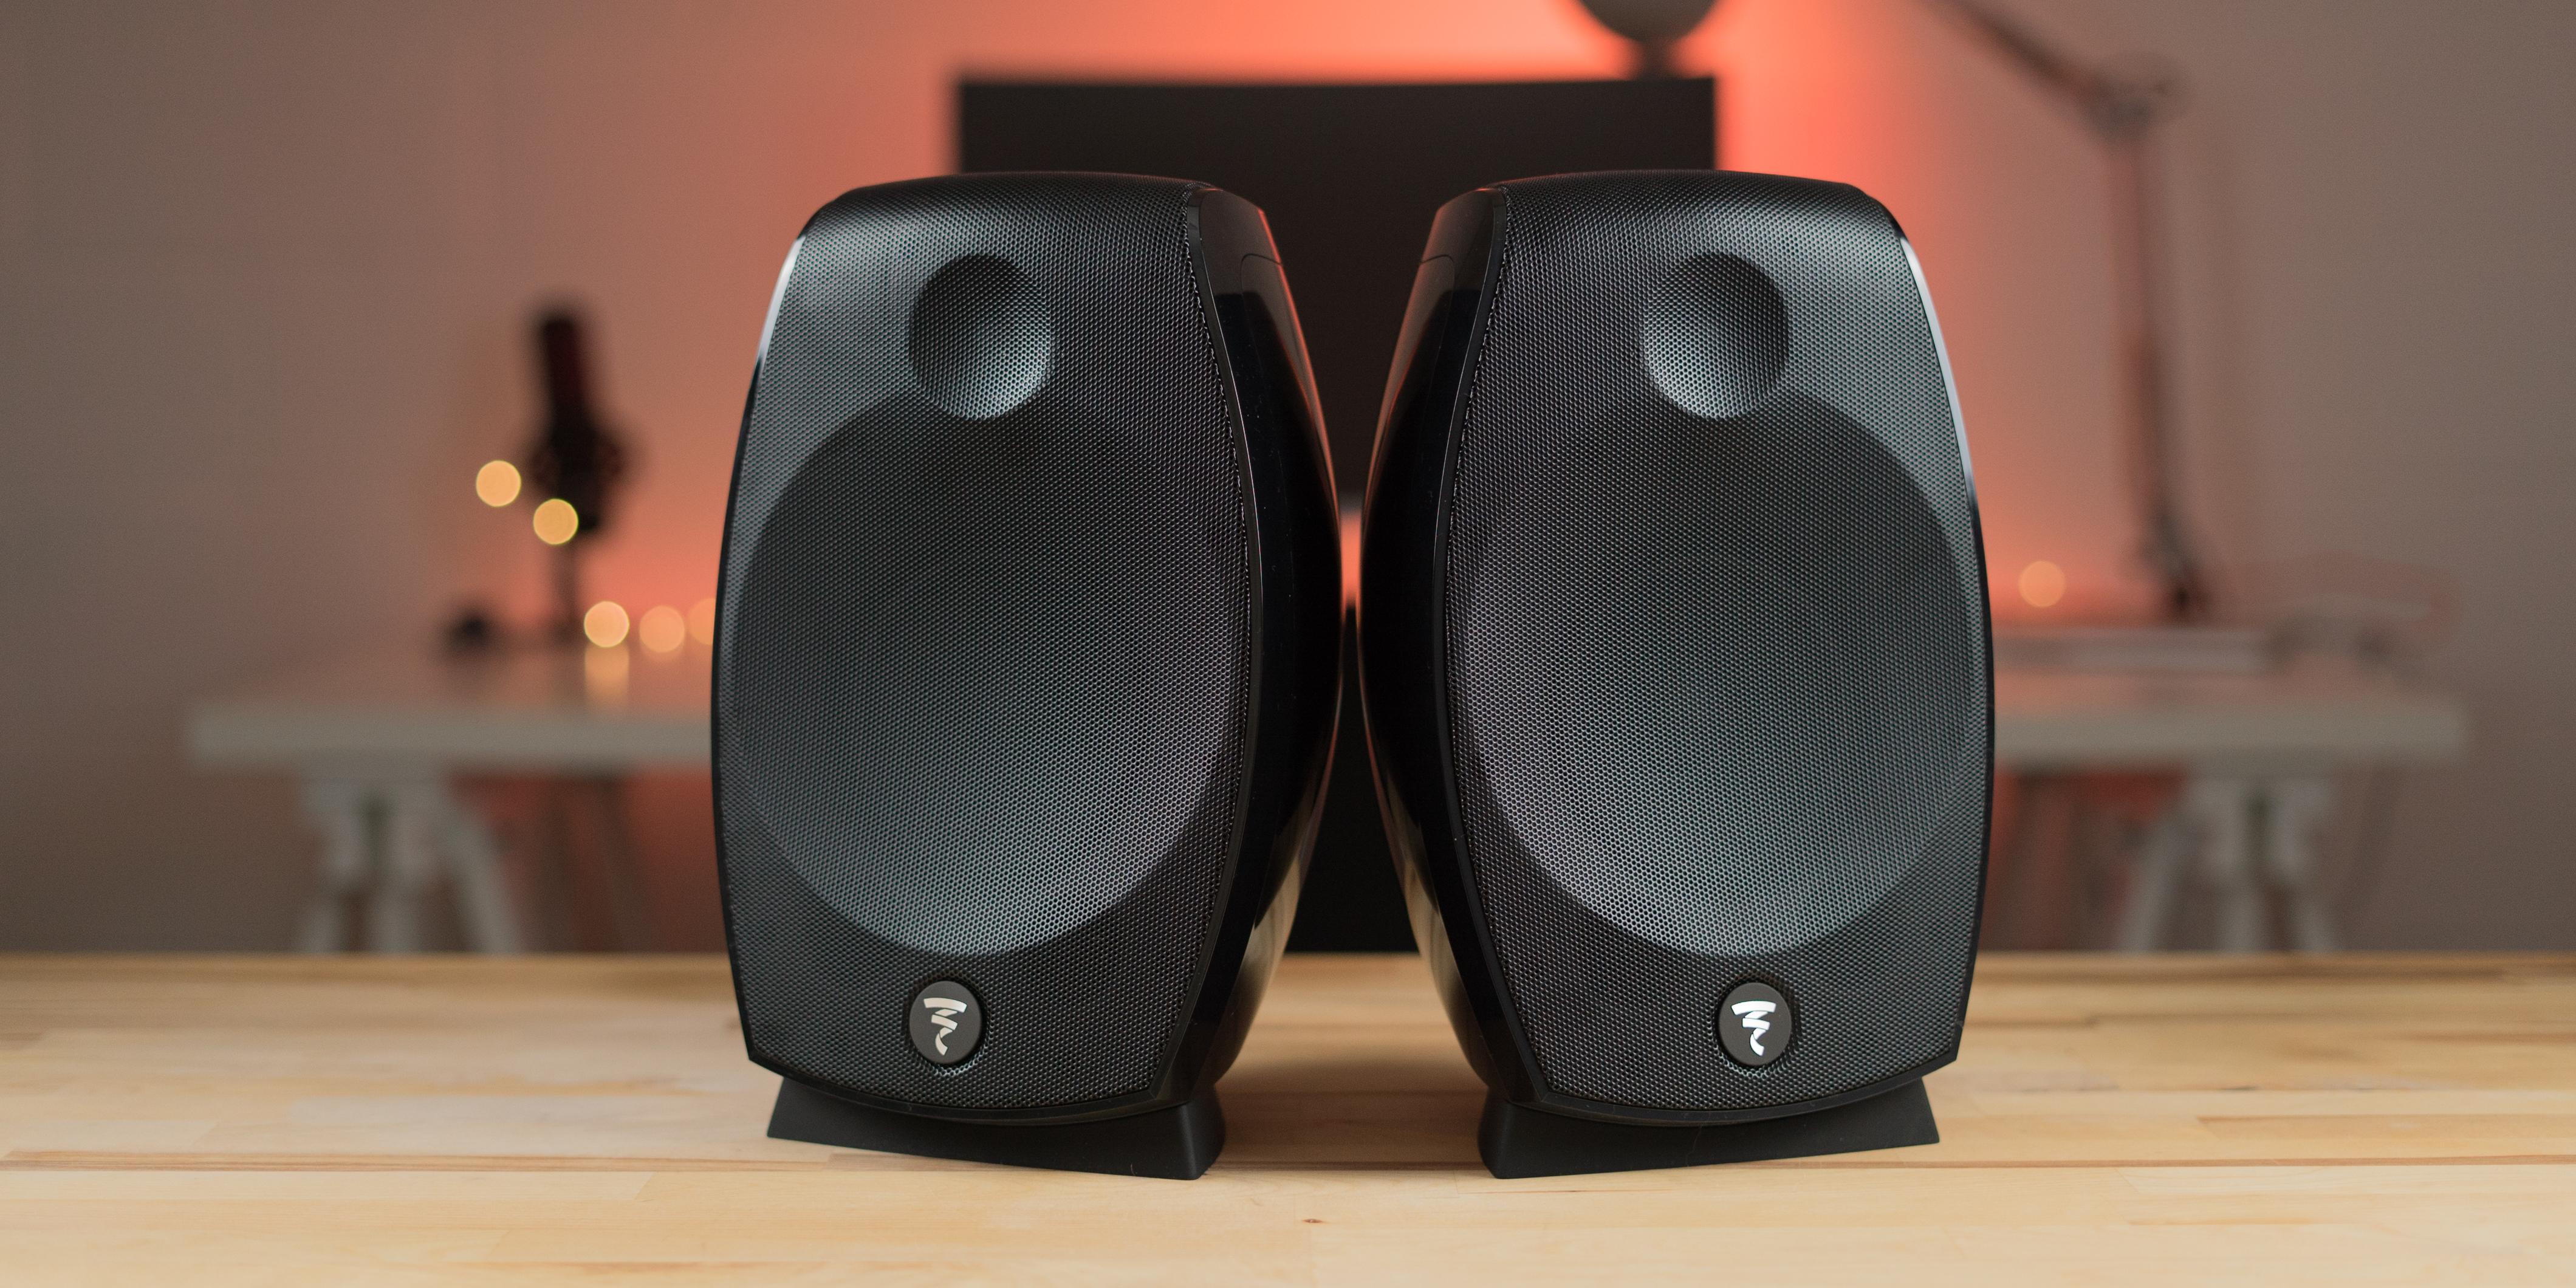 Focal Sib Evo Dolby Atmos speakers